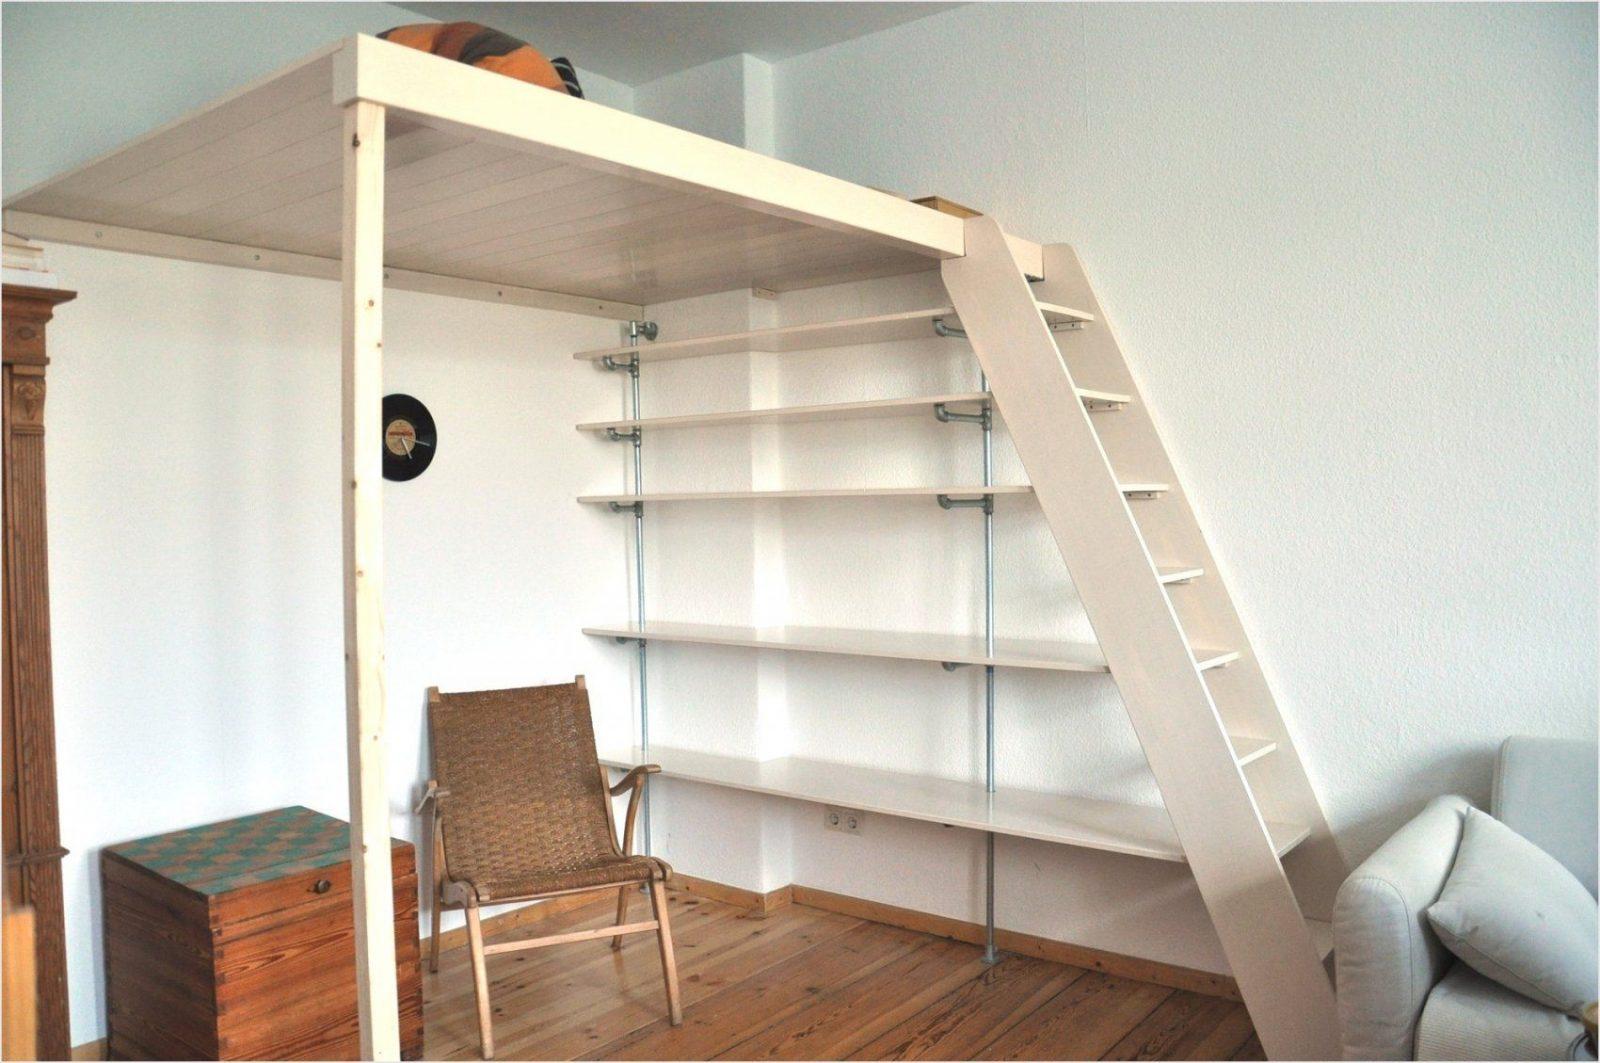 Faszinierend Stilvoll Hochbett Zum Hochbett Selbst Gebaut Avec von Hochbett Leiter Selber Bauen Bild